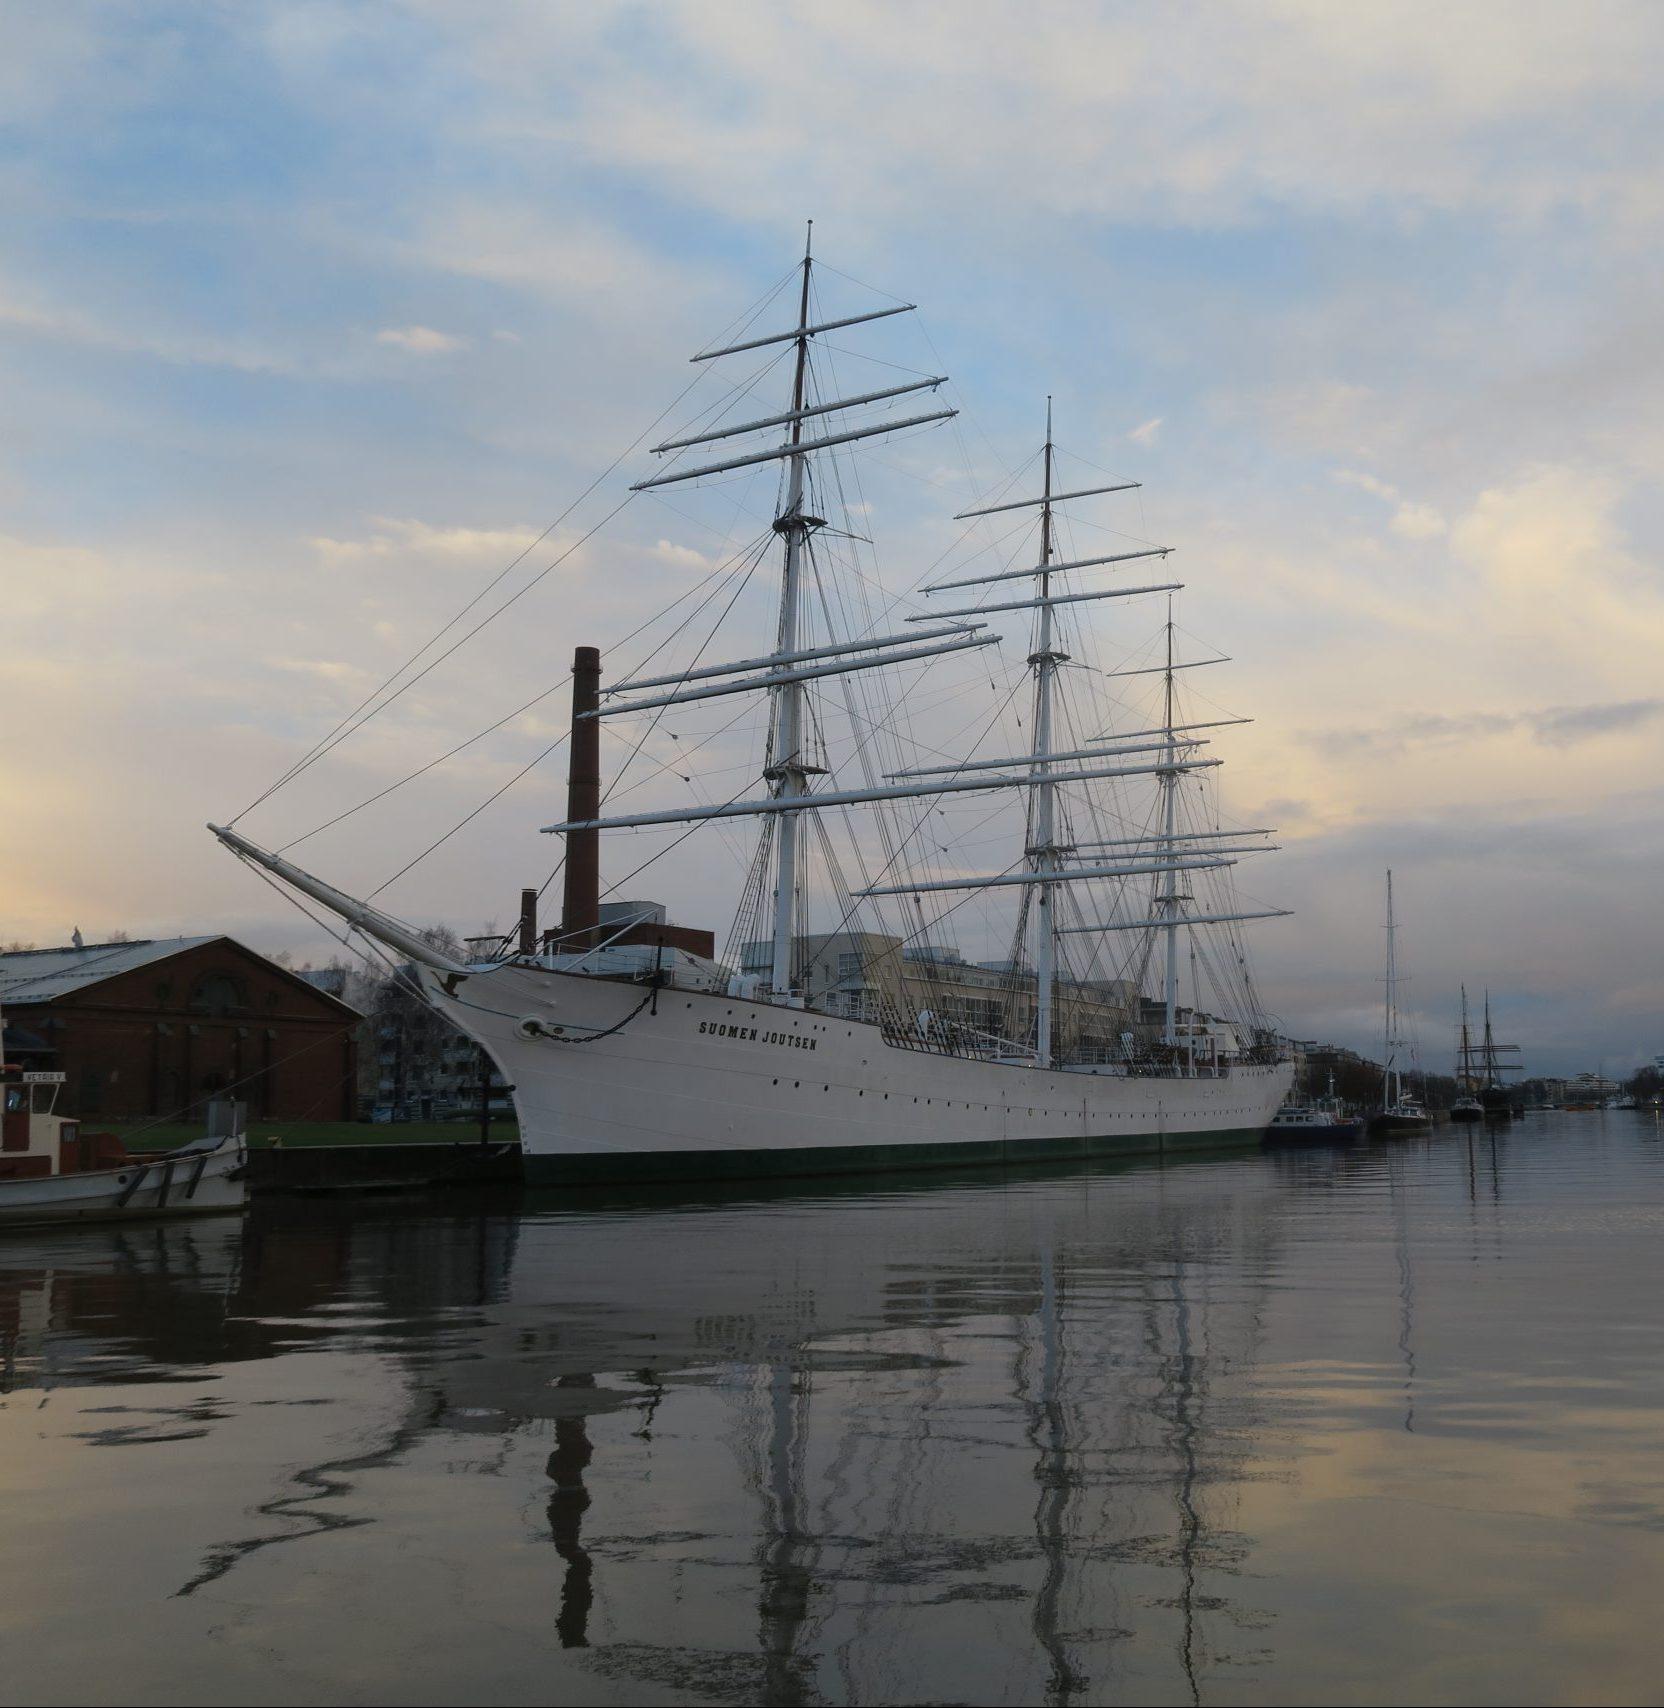 Suomen Joutsen Digimuseossa